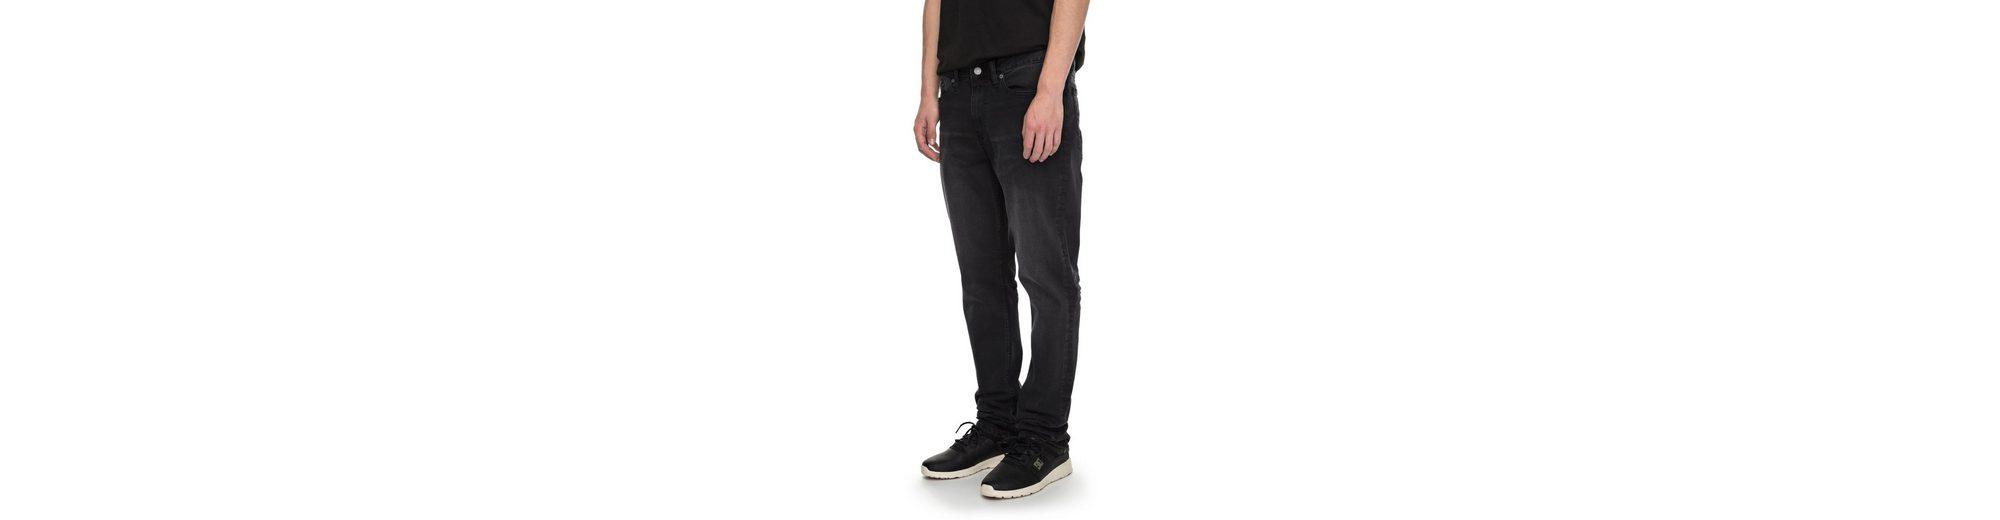 DC Shoes Slim Fit Jeans Worker Medium Grey Slim Auslass Niedriger Preis Freies Verschiffen Angebote 7IrkKVPQHa